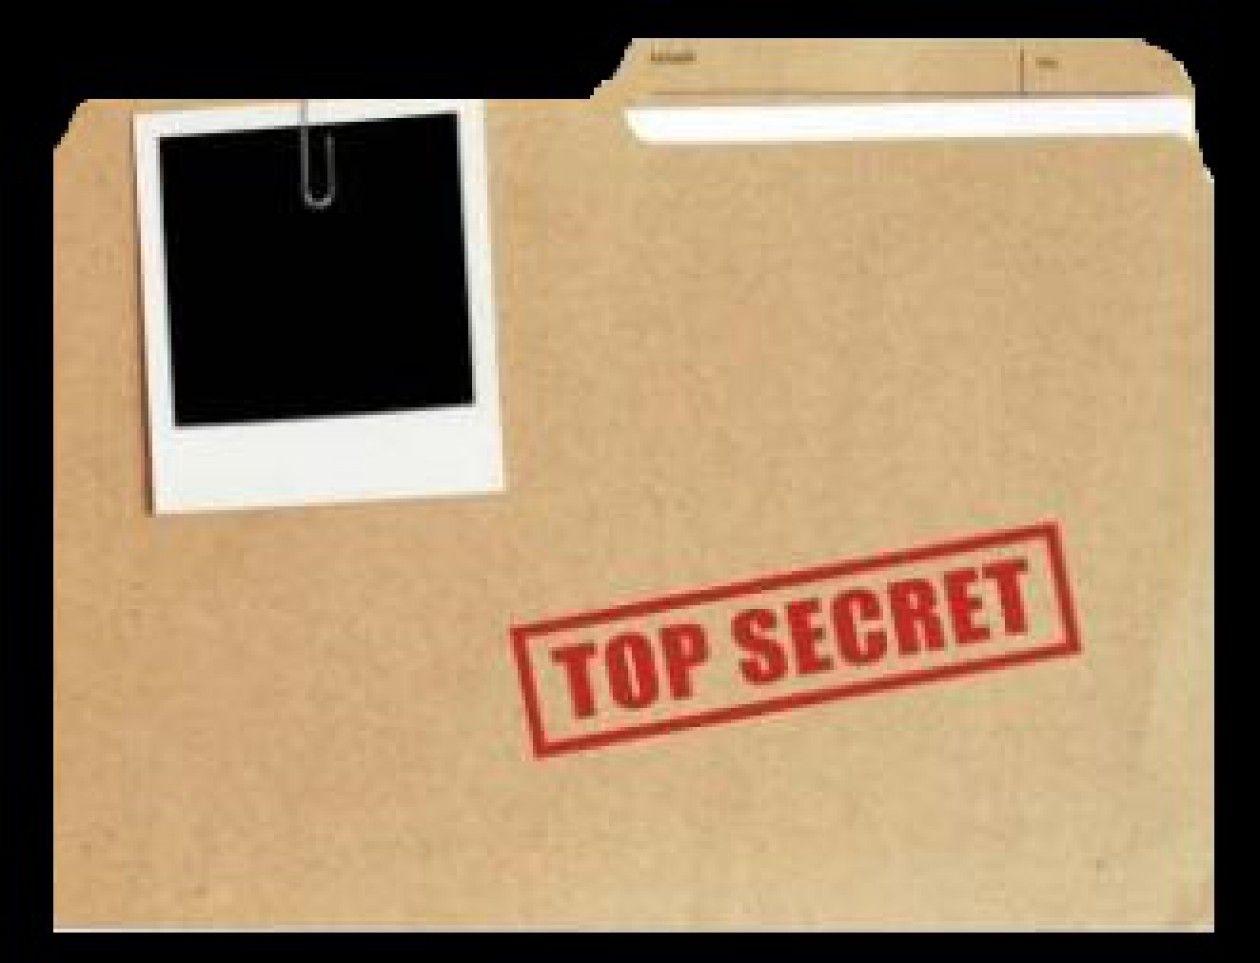 Cropped Top Secret File1 Jpg 1260 963 Fondo De Pantalla Brillante Para Iphone Texturas Para Portadas Fondos Para Videos